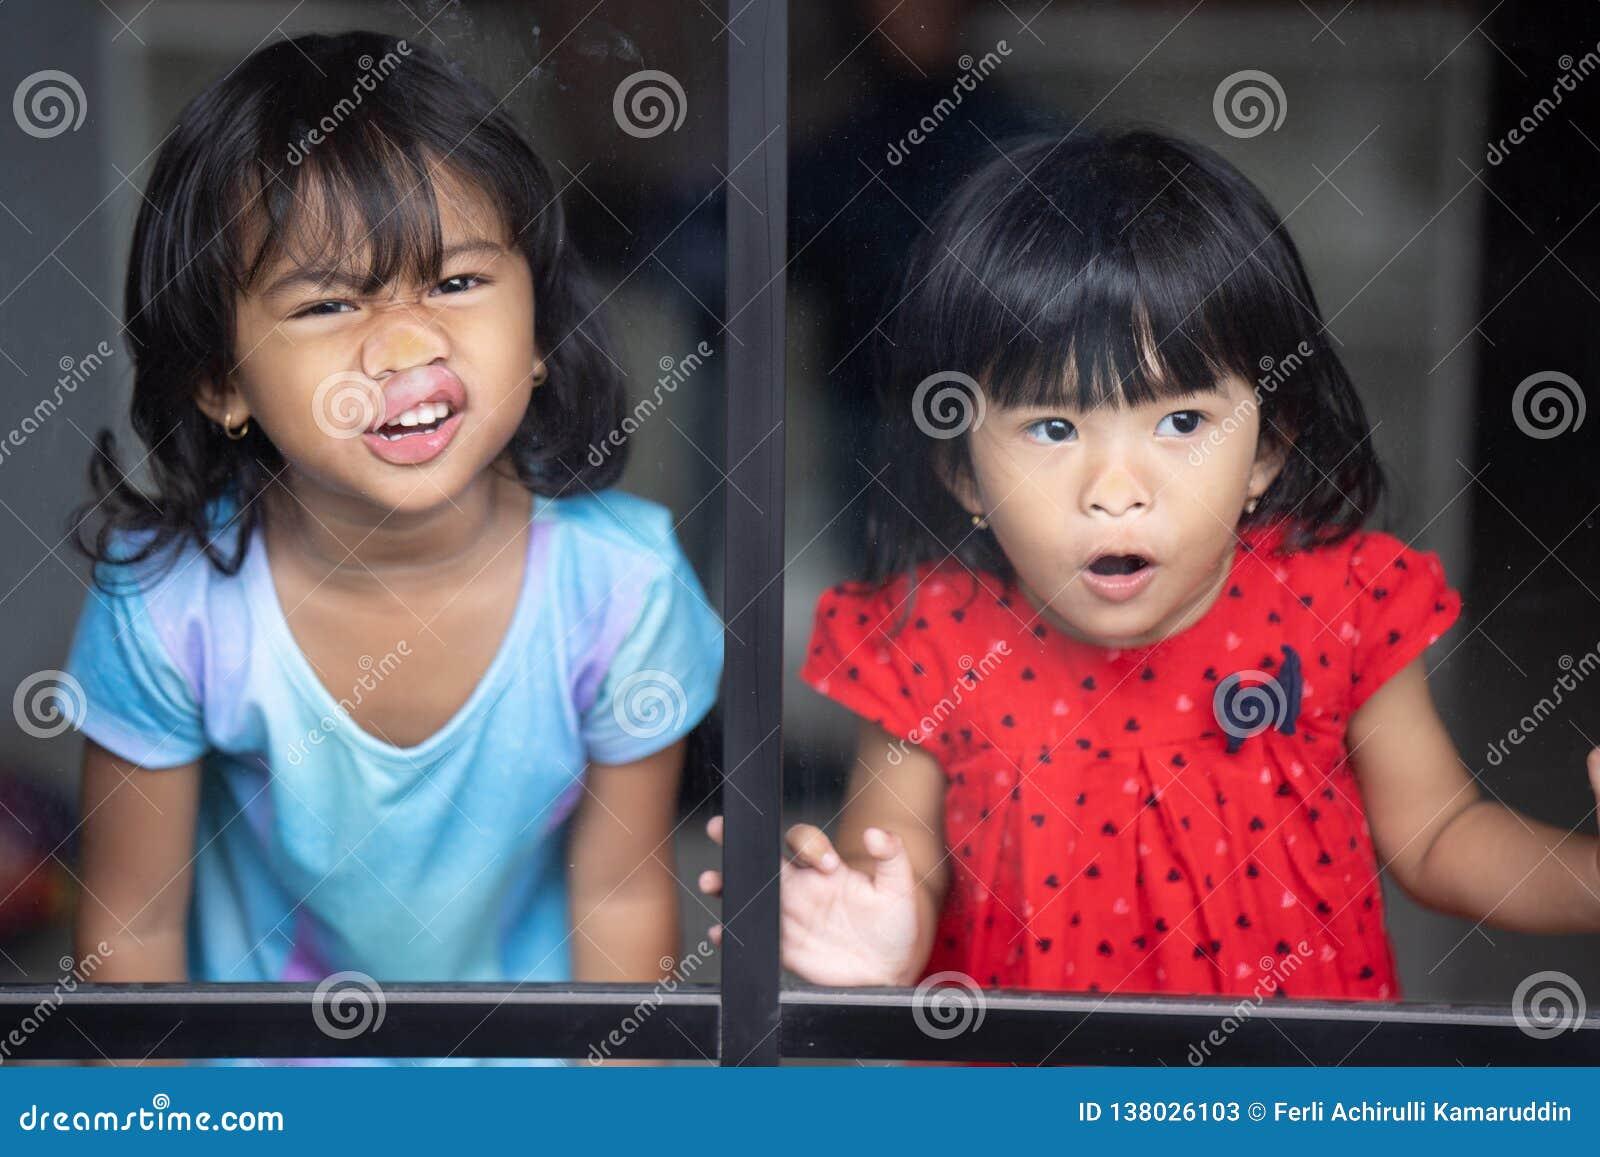 Kinder, die piggy Gesicht gegen Fenster machen